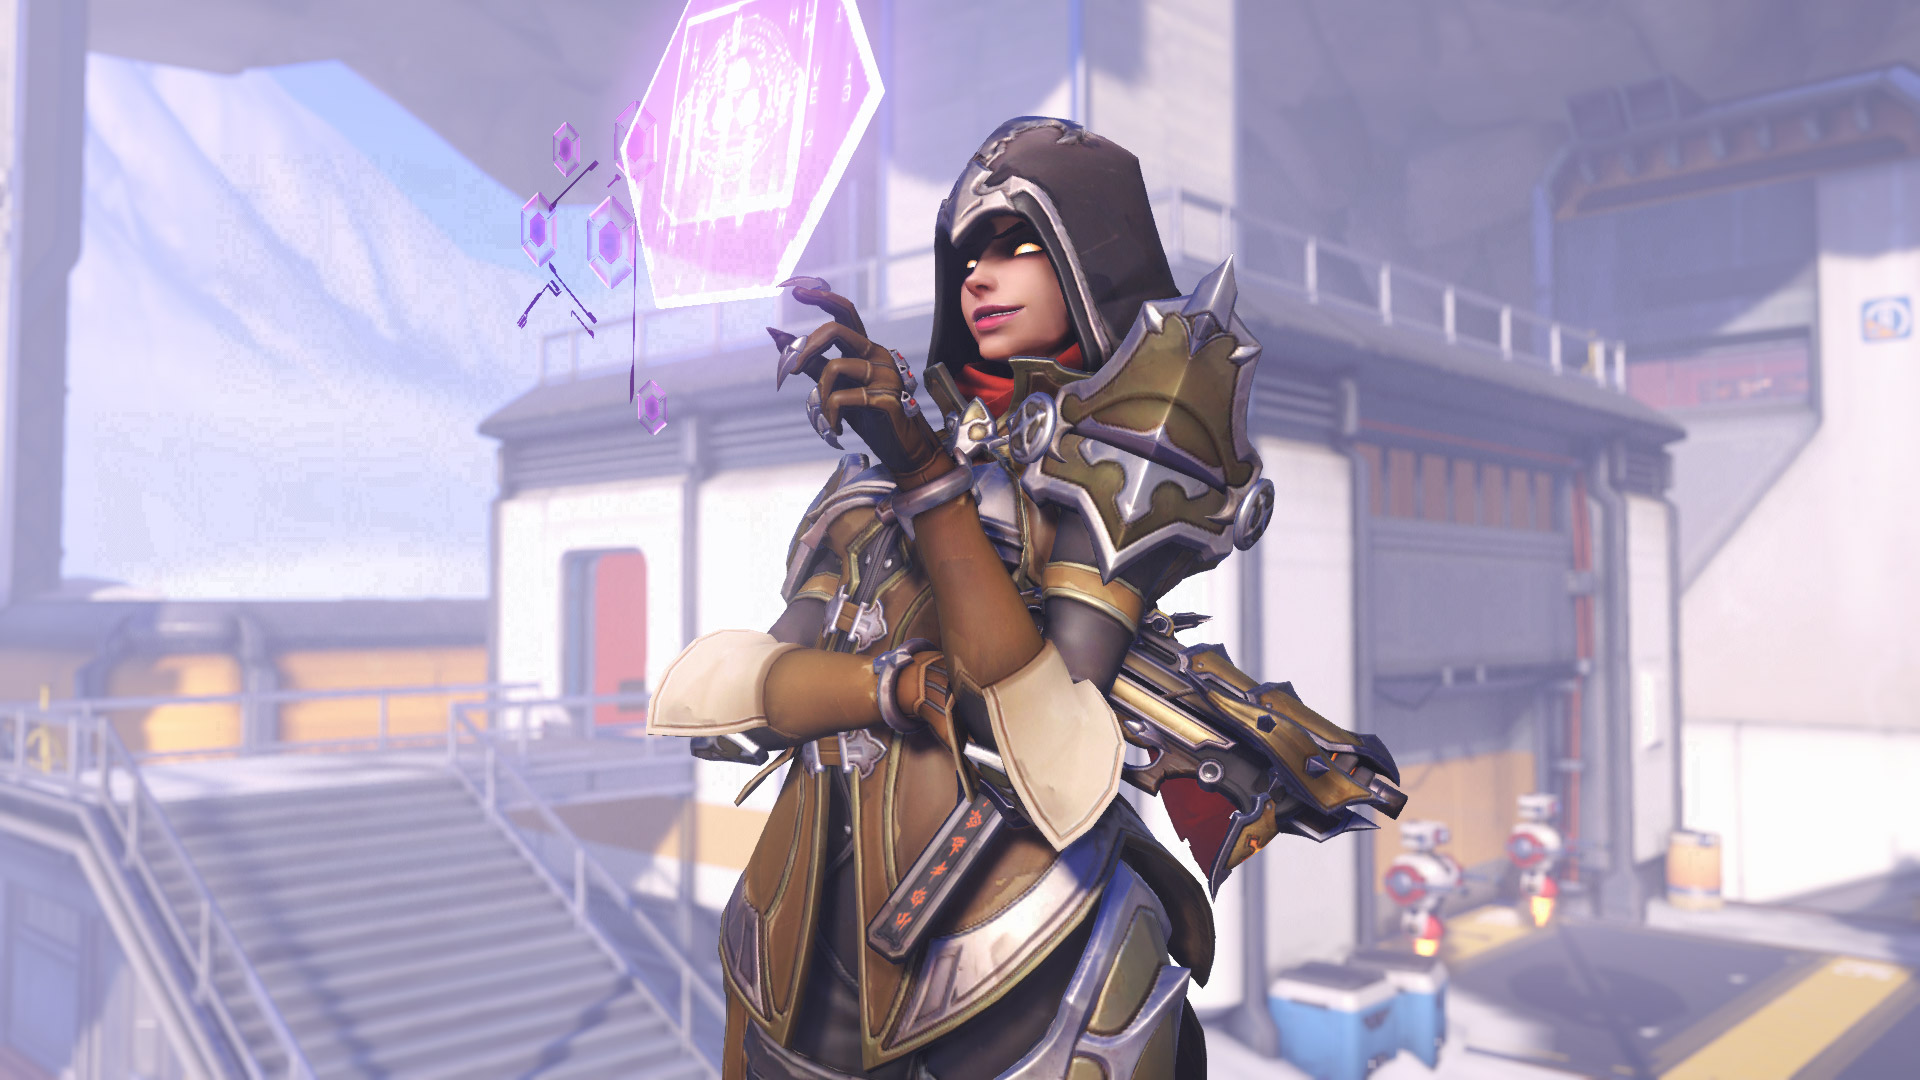 Premier bonus en jeu du billet virtuel : skin légendaire Sombra pour Overwatch